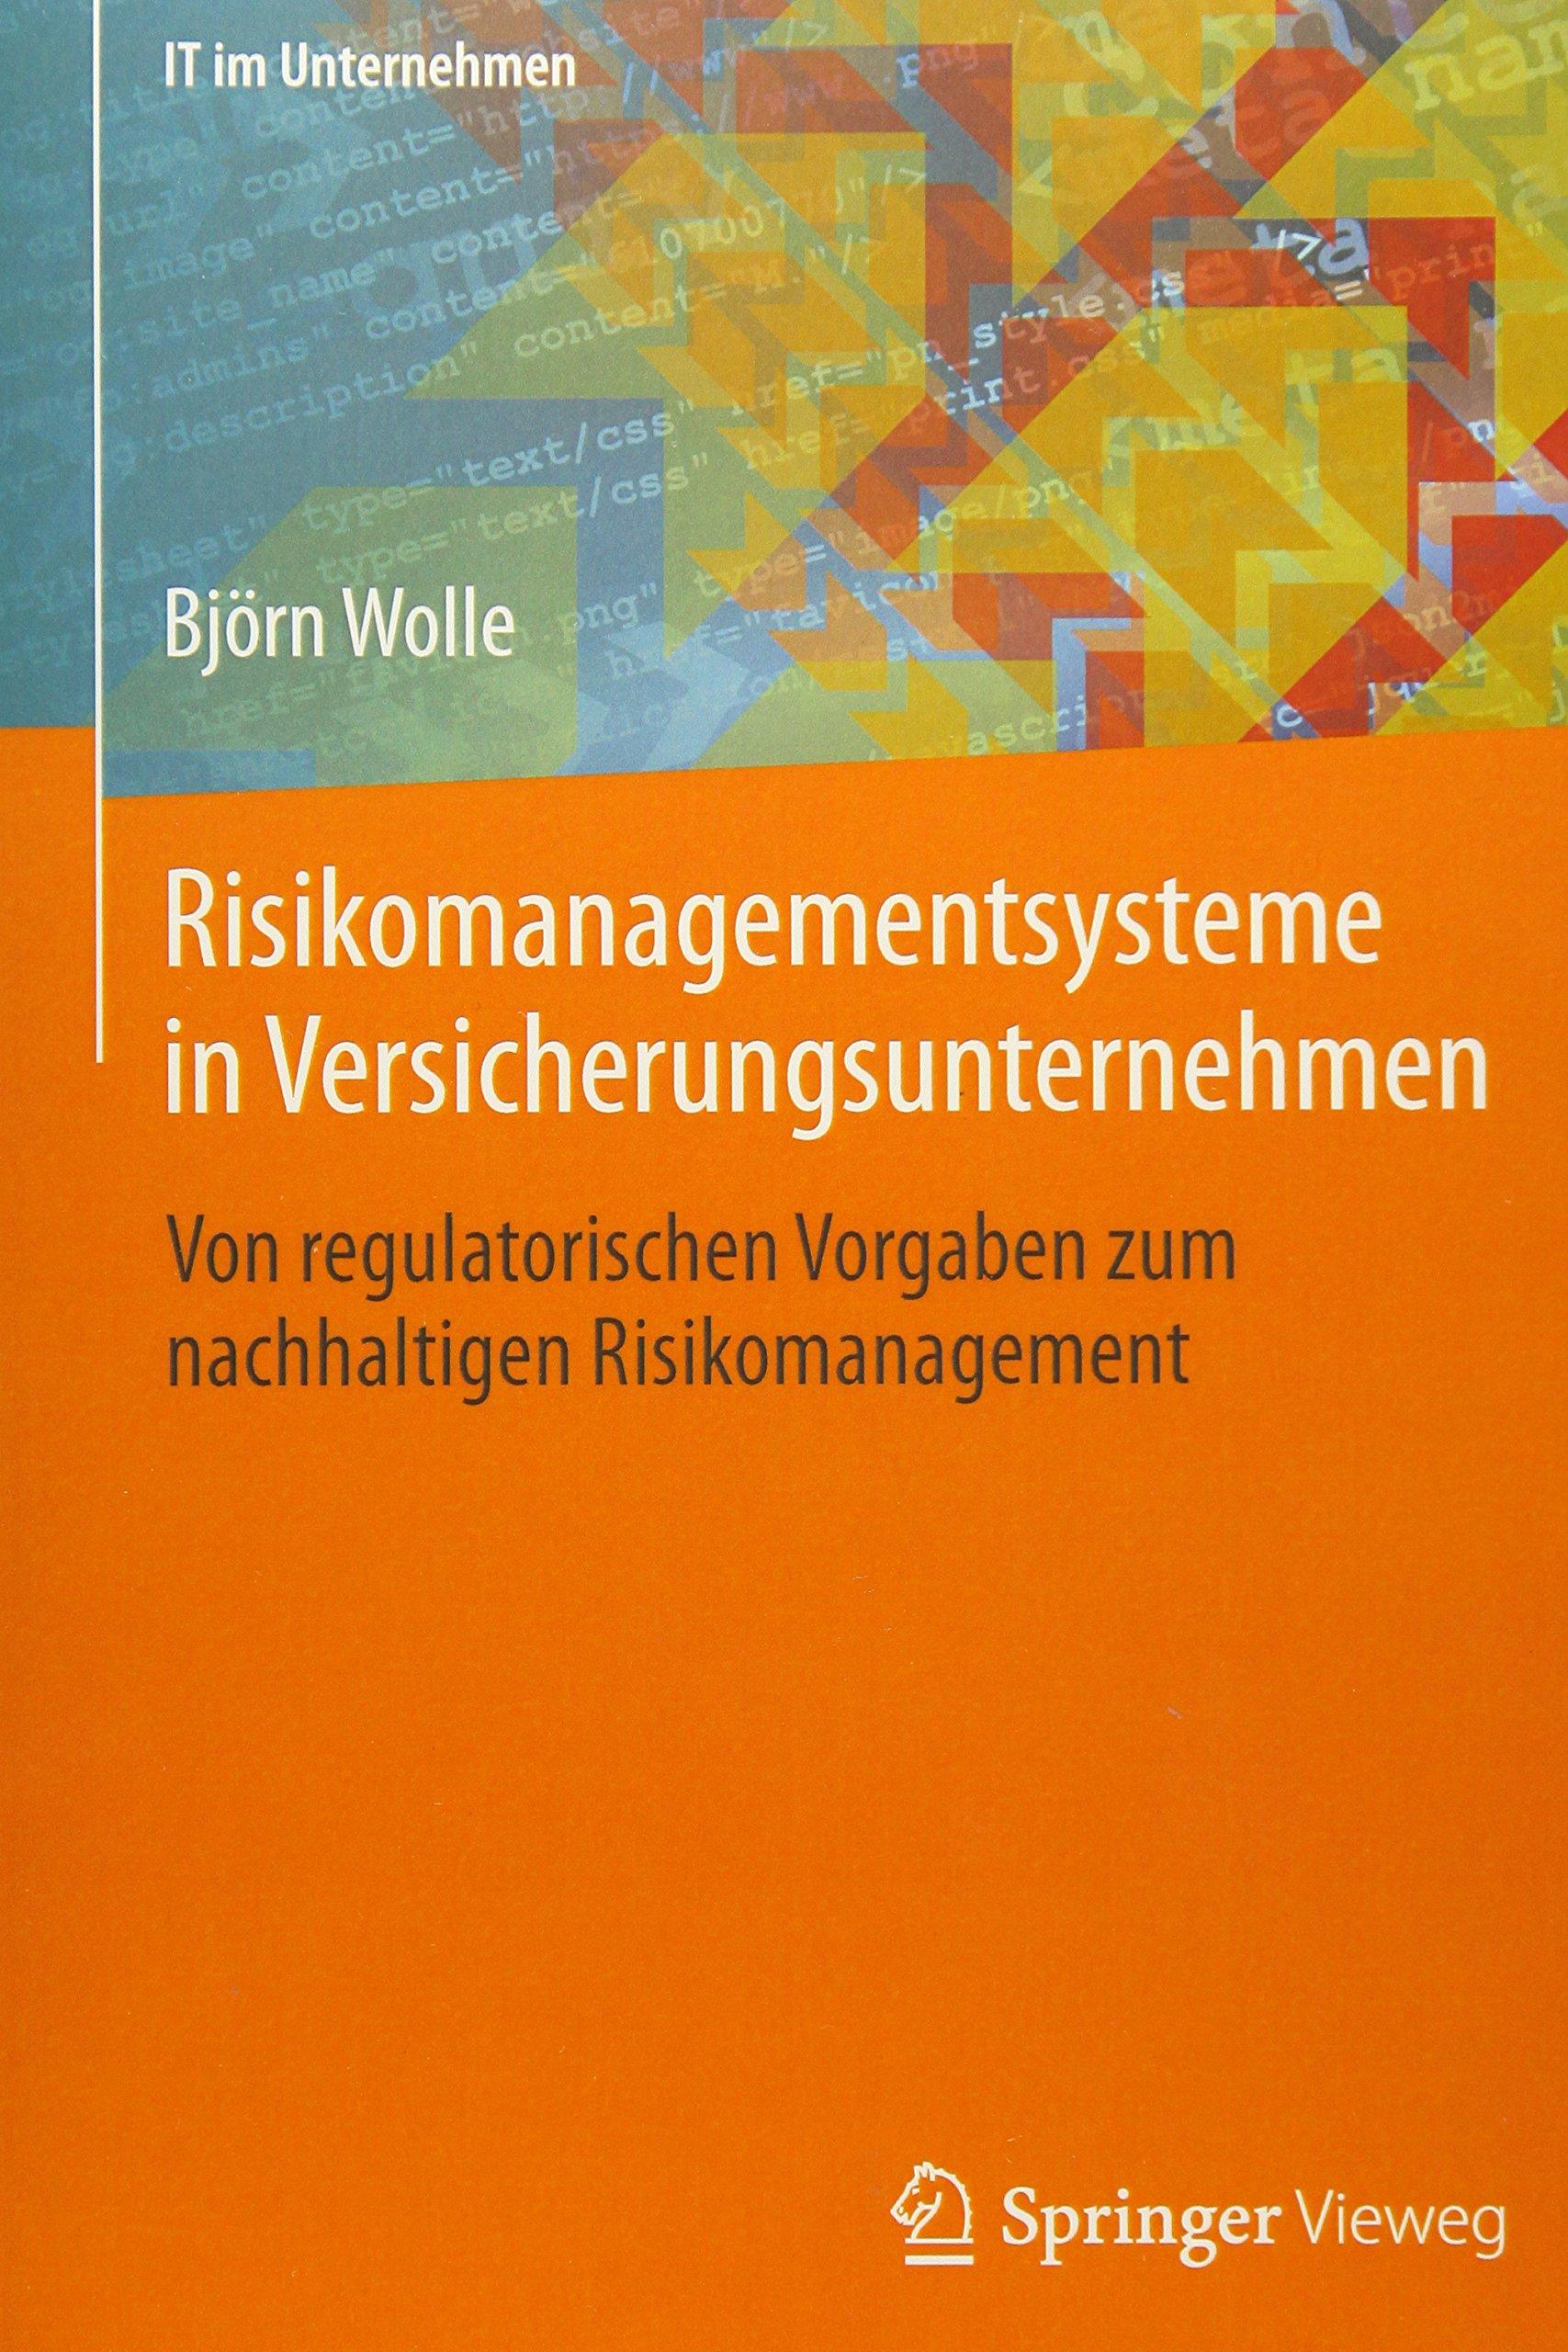 Download Risikomanagementsysteme in Versicherungsunternehmen: Von regulatorischen Vorgaben zum nachhaltigen Risikomanagement (IT im Unternehmen) (German Edition) PDF